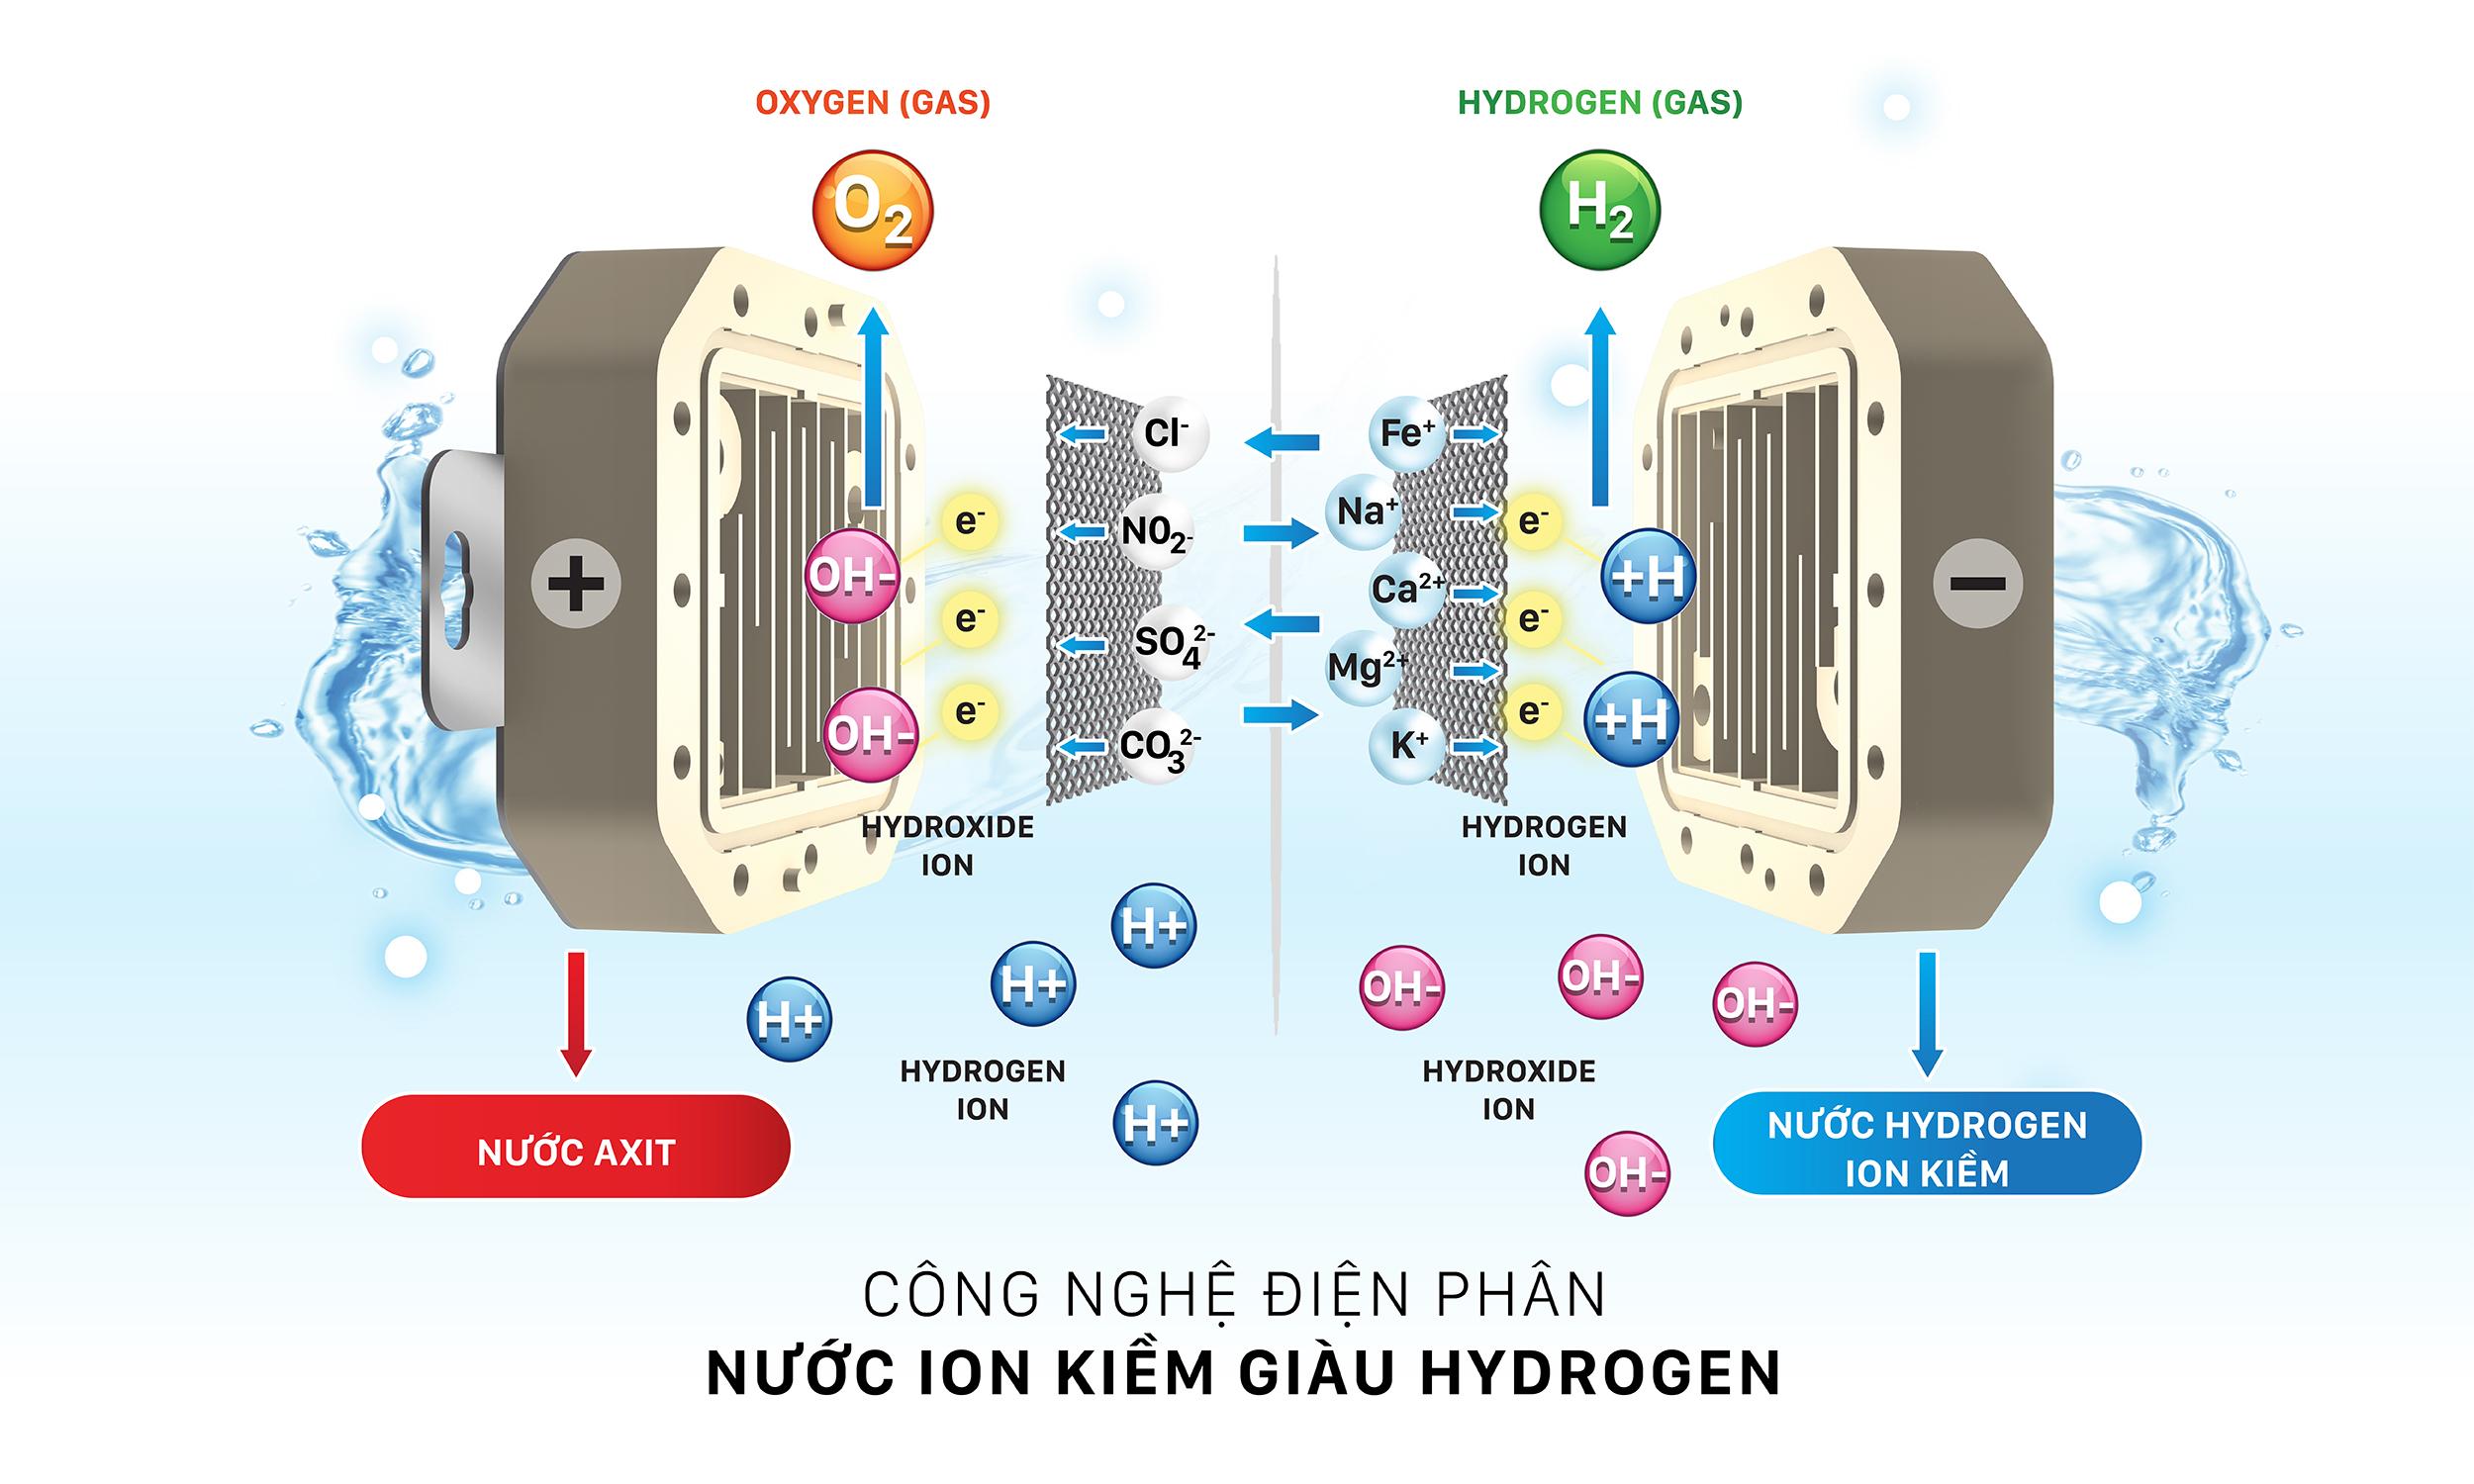 Máy lọc nước ion kiềm mang nước tốt cho sức khỏe người Việt   Kinh tế   Báo điện tử Tiền Phong